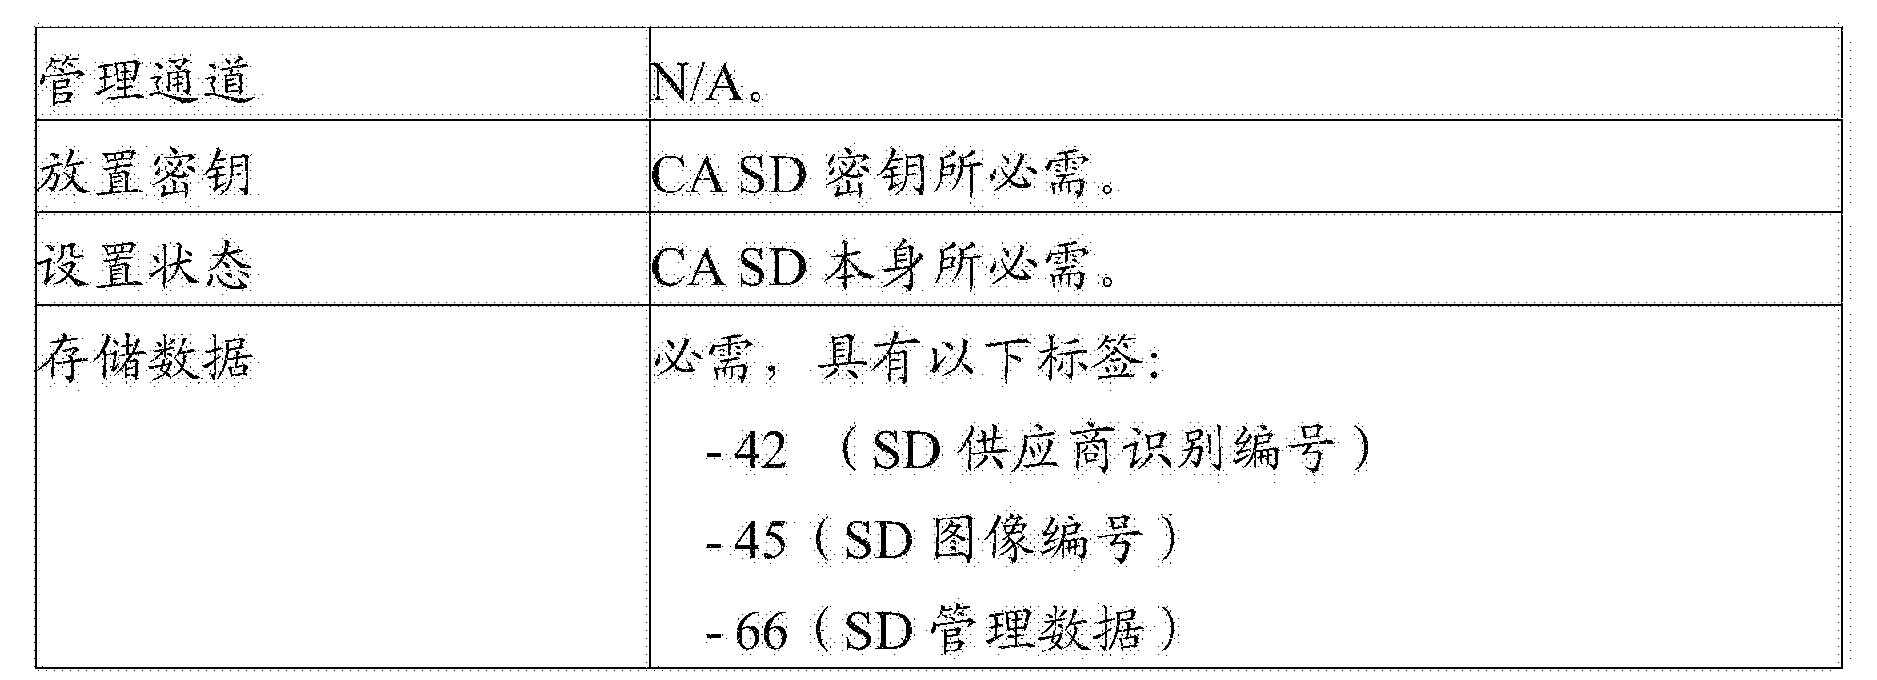 Figure CN104395909BD00262